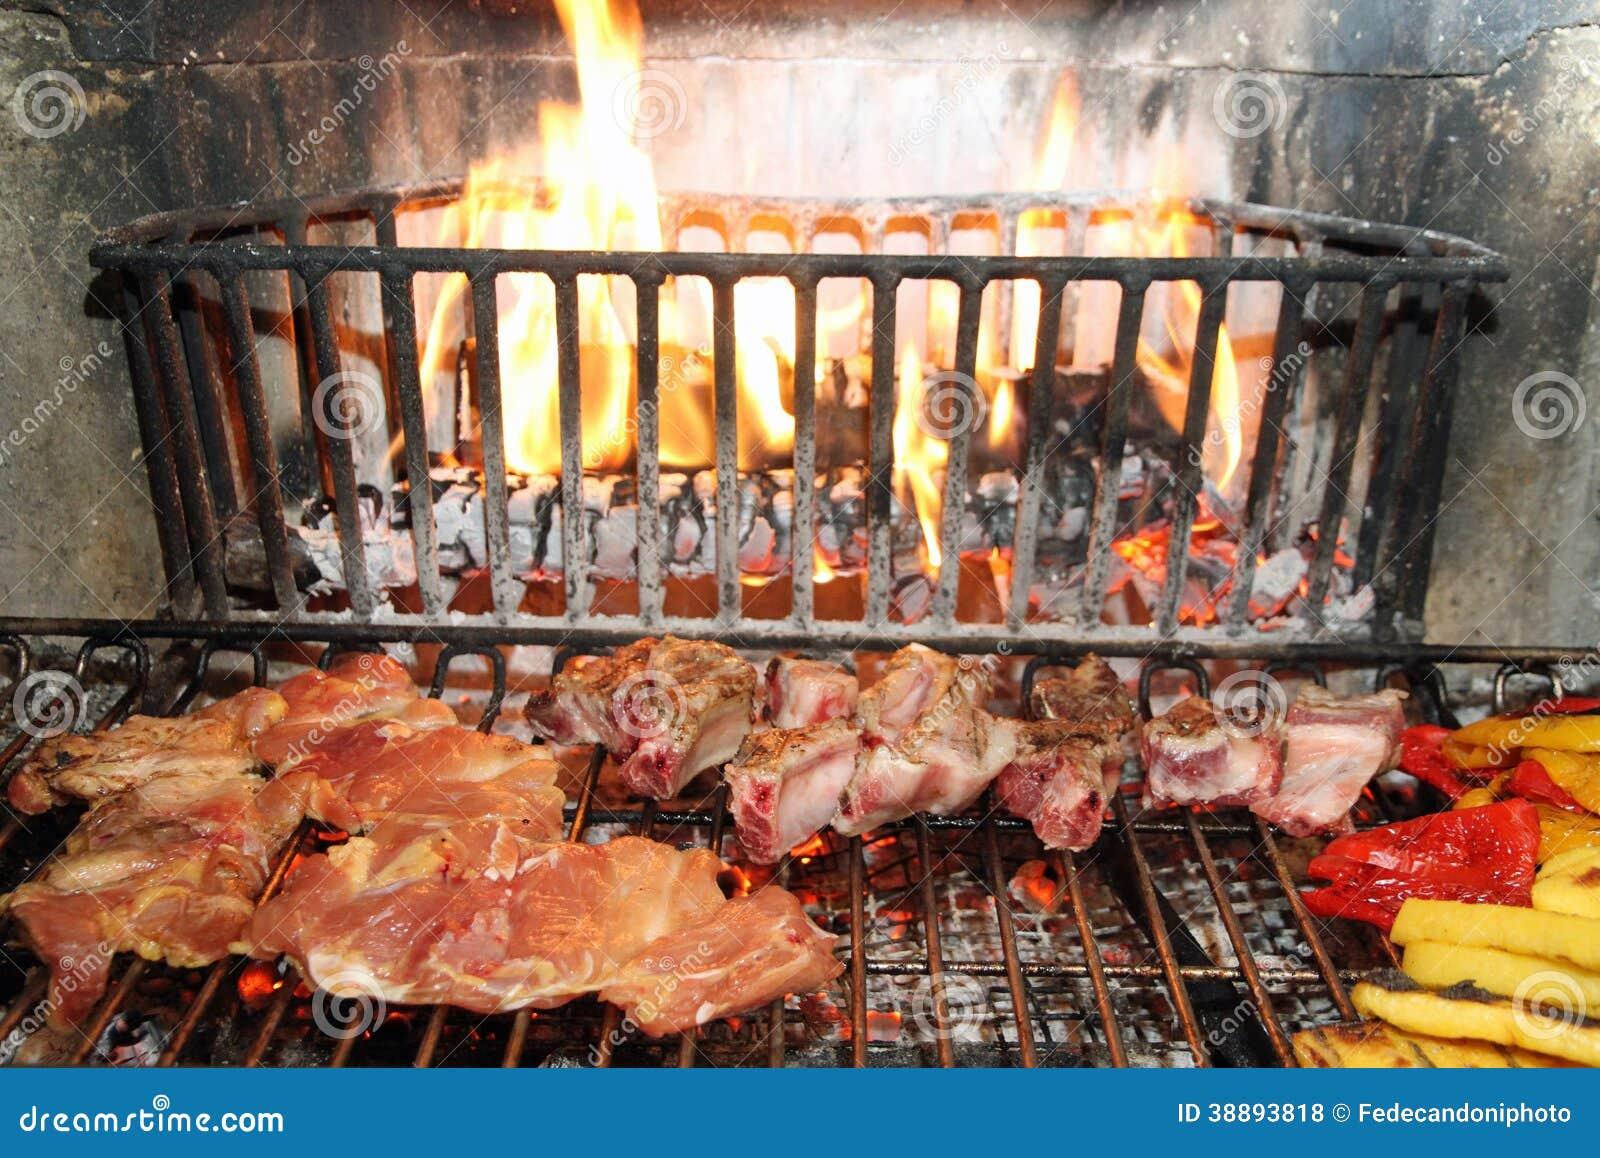 Chimenea para cocinar la carne con polenta - Camino per cucinare ...